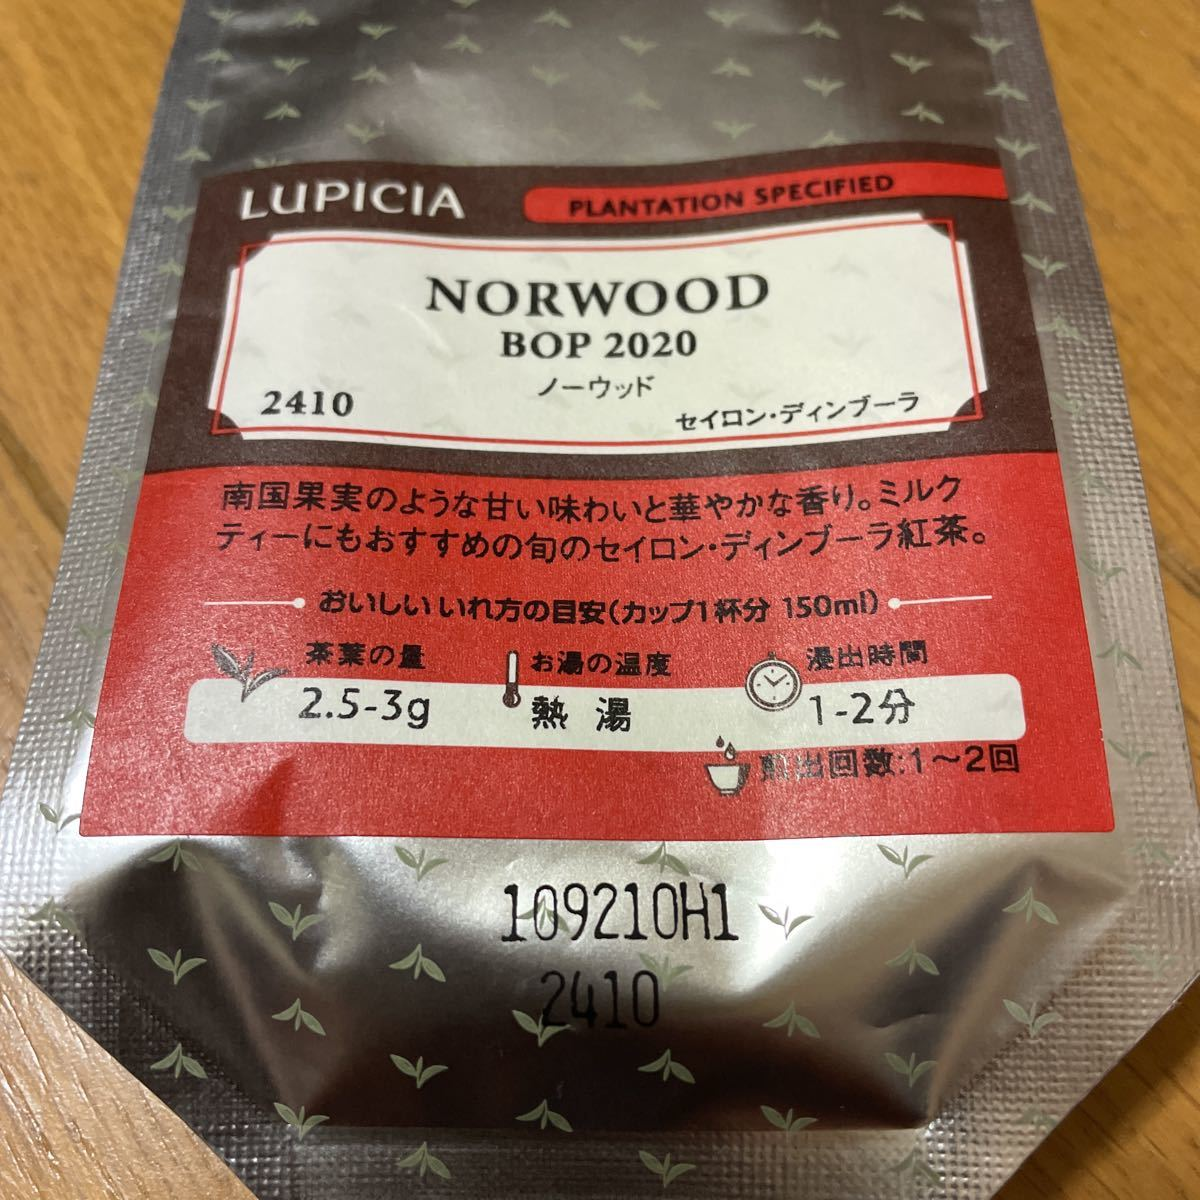 ルピシア 紅茶 ティ LUPICIA リーフ ノンフレーバー